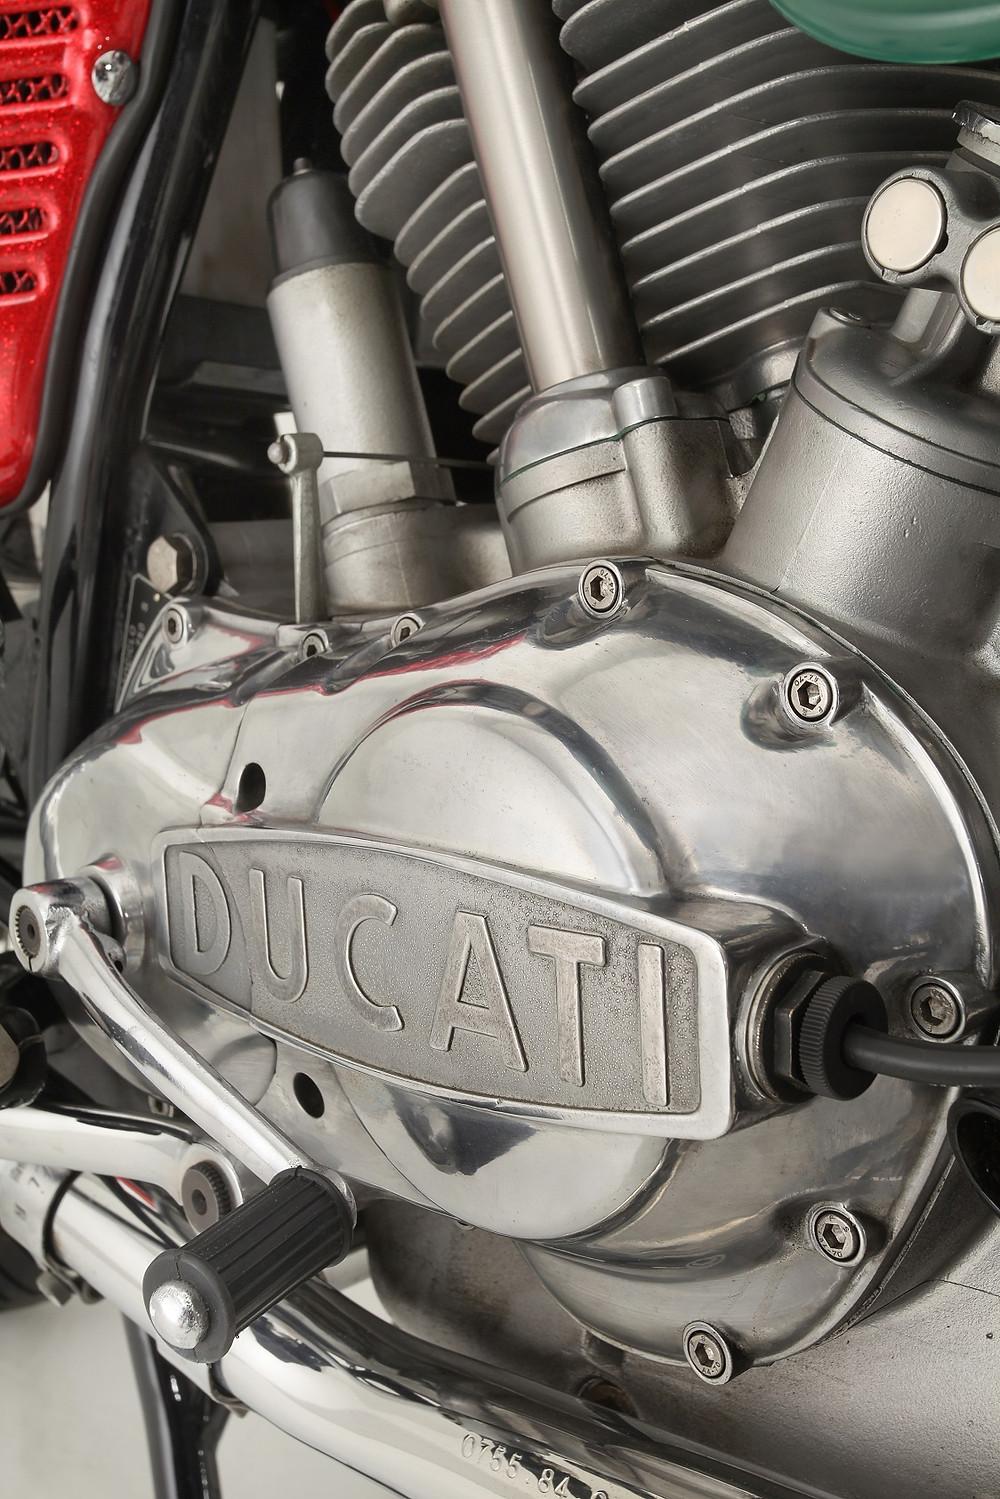 2014_02_Ducati 750GT 1972_4.jpg